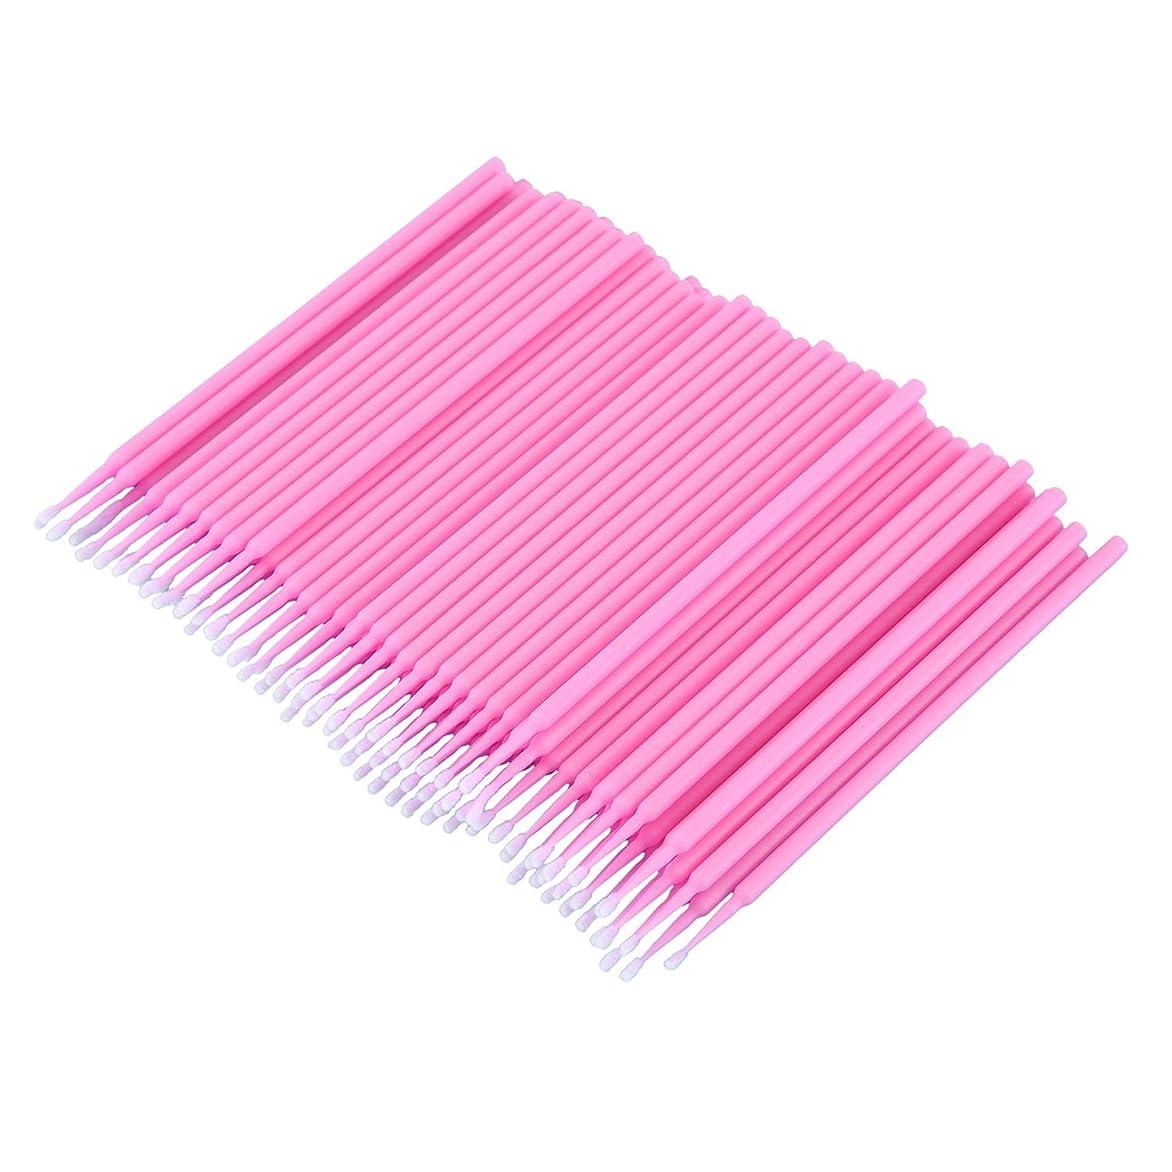 アクチュエータ誰もCUHAWUDBA 100個 歯科用マイクロブラシ 使い捨て材料 歯用アプリケーター ミディアムファイン(ピンク)